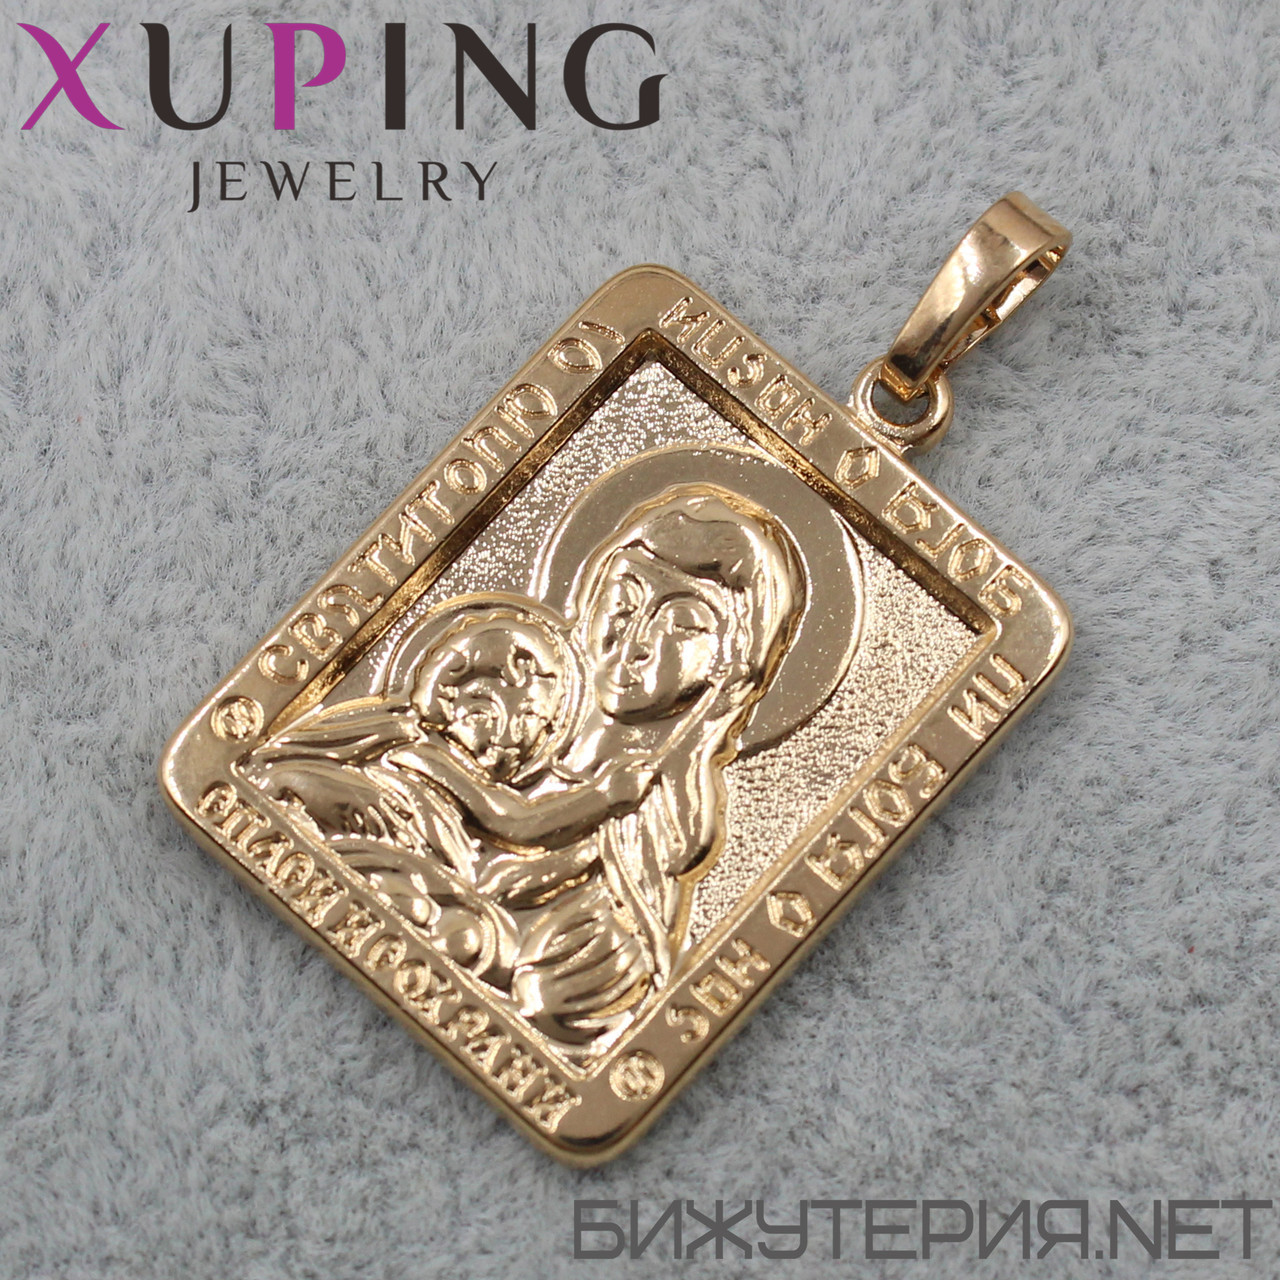 Иконка Xuping медицинское золото 29 х 21 мм